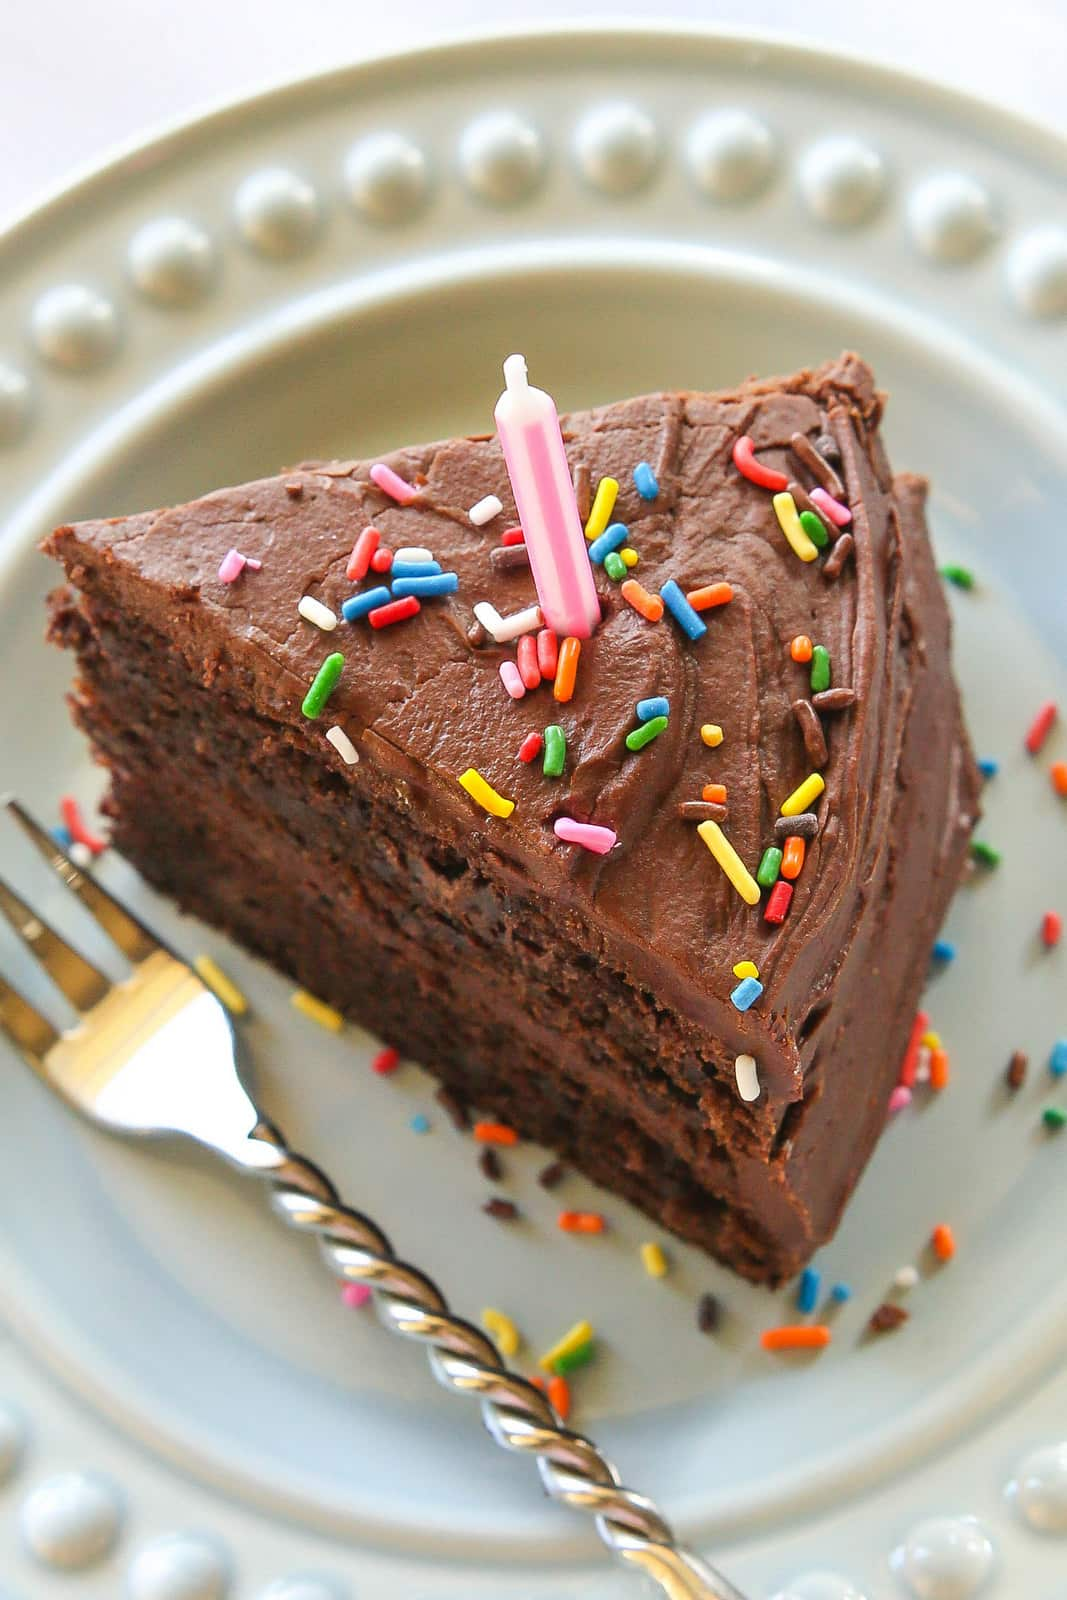 hershey's chocolate cake